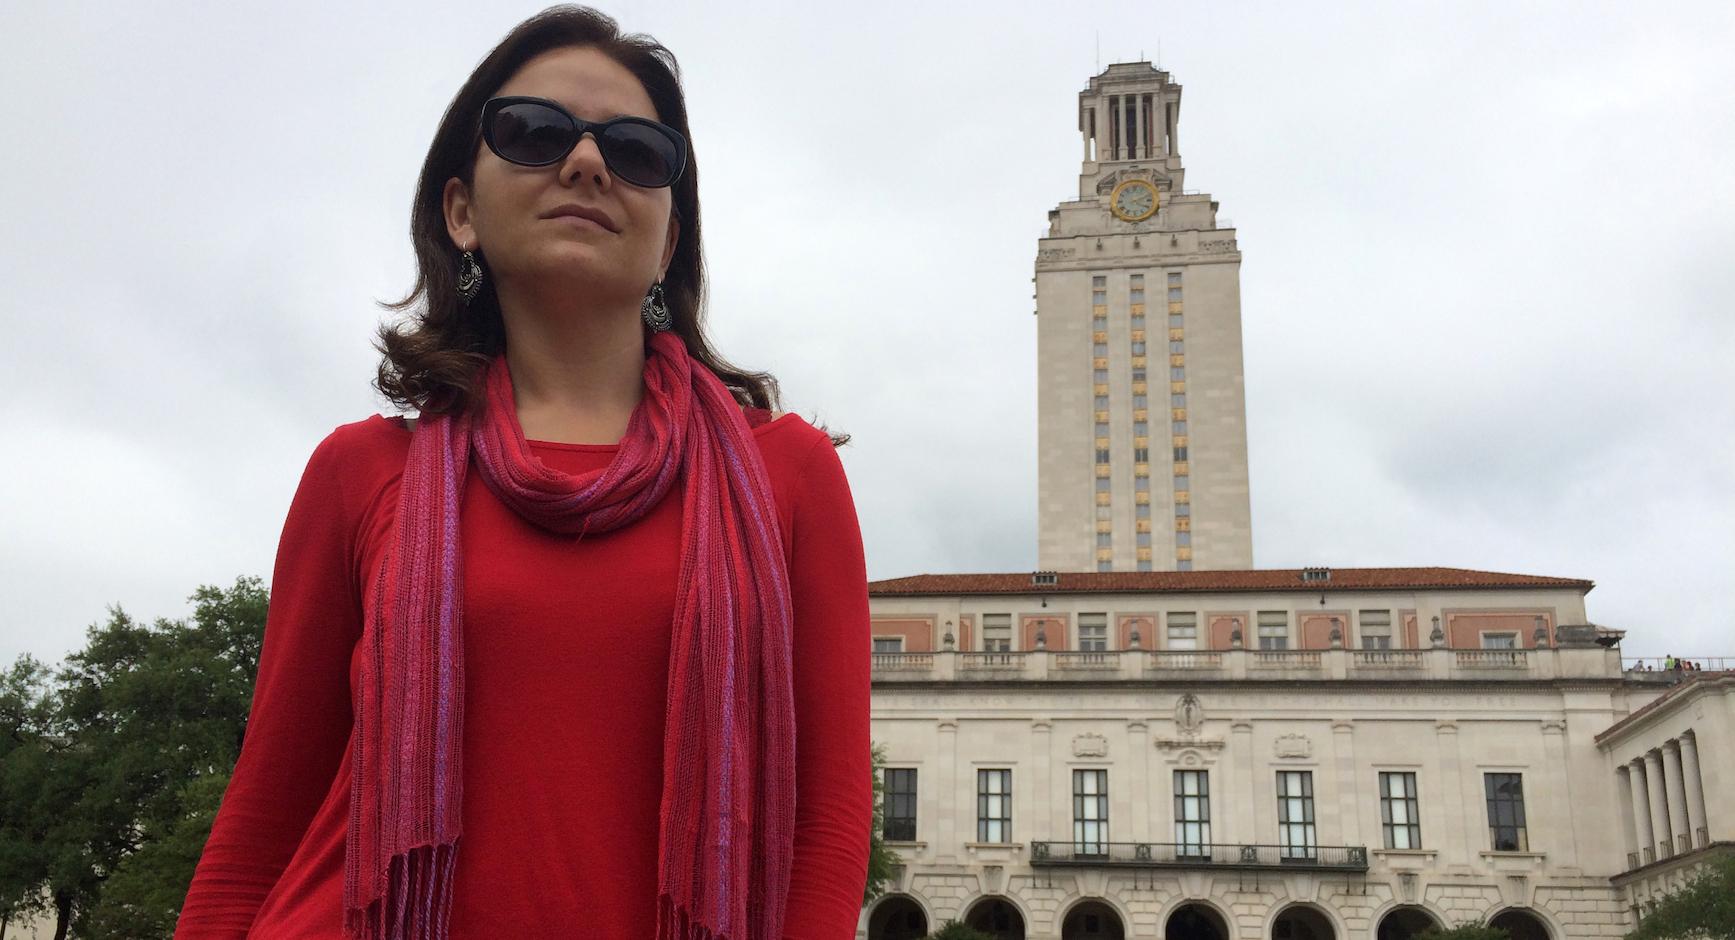 Student Spotlight: Patrícia Nogueira